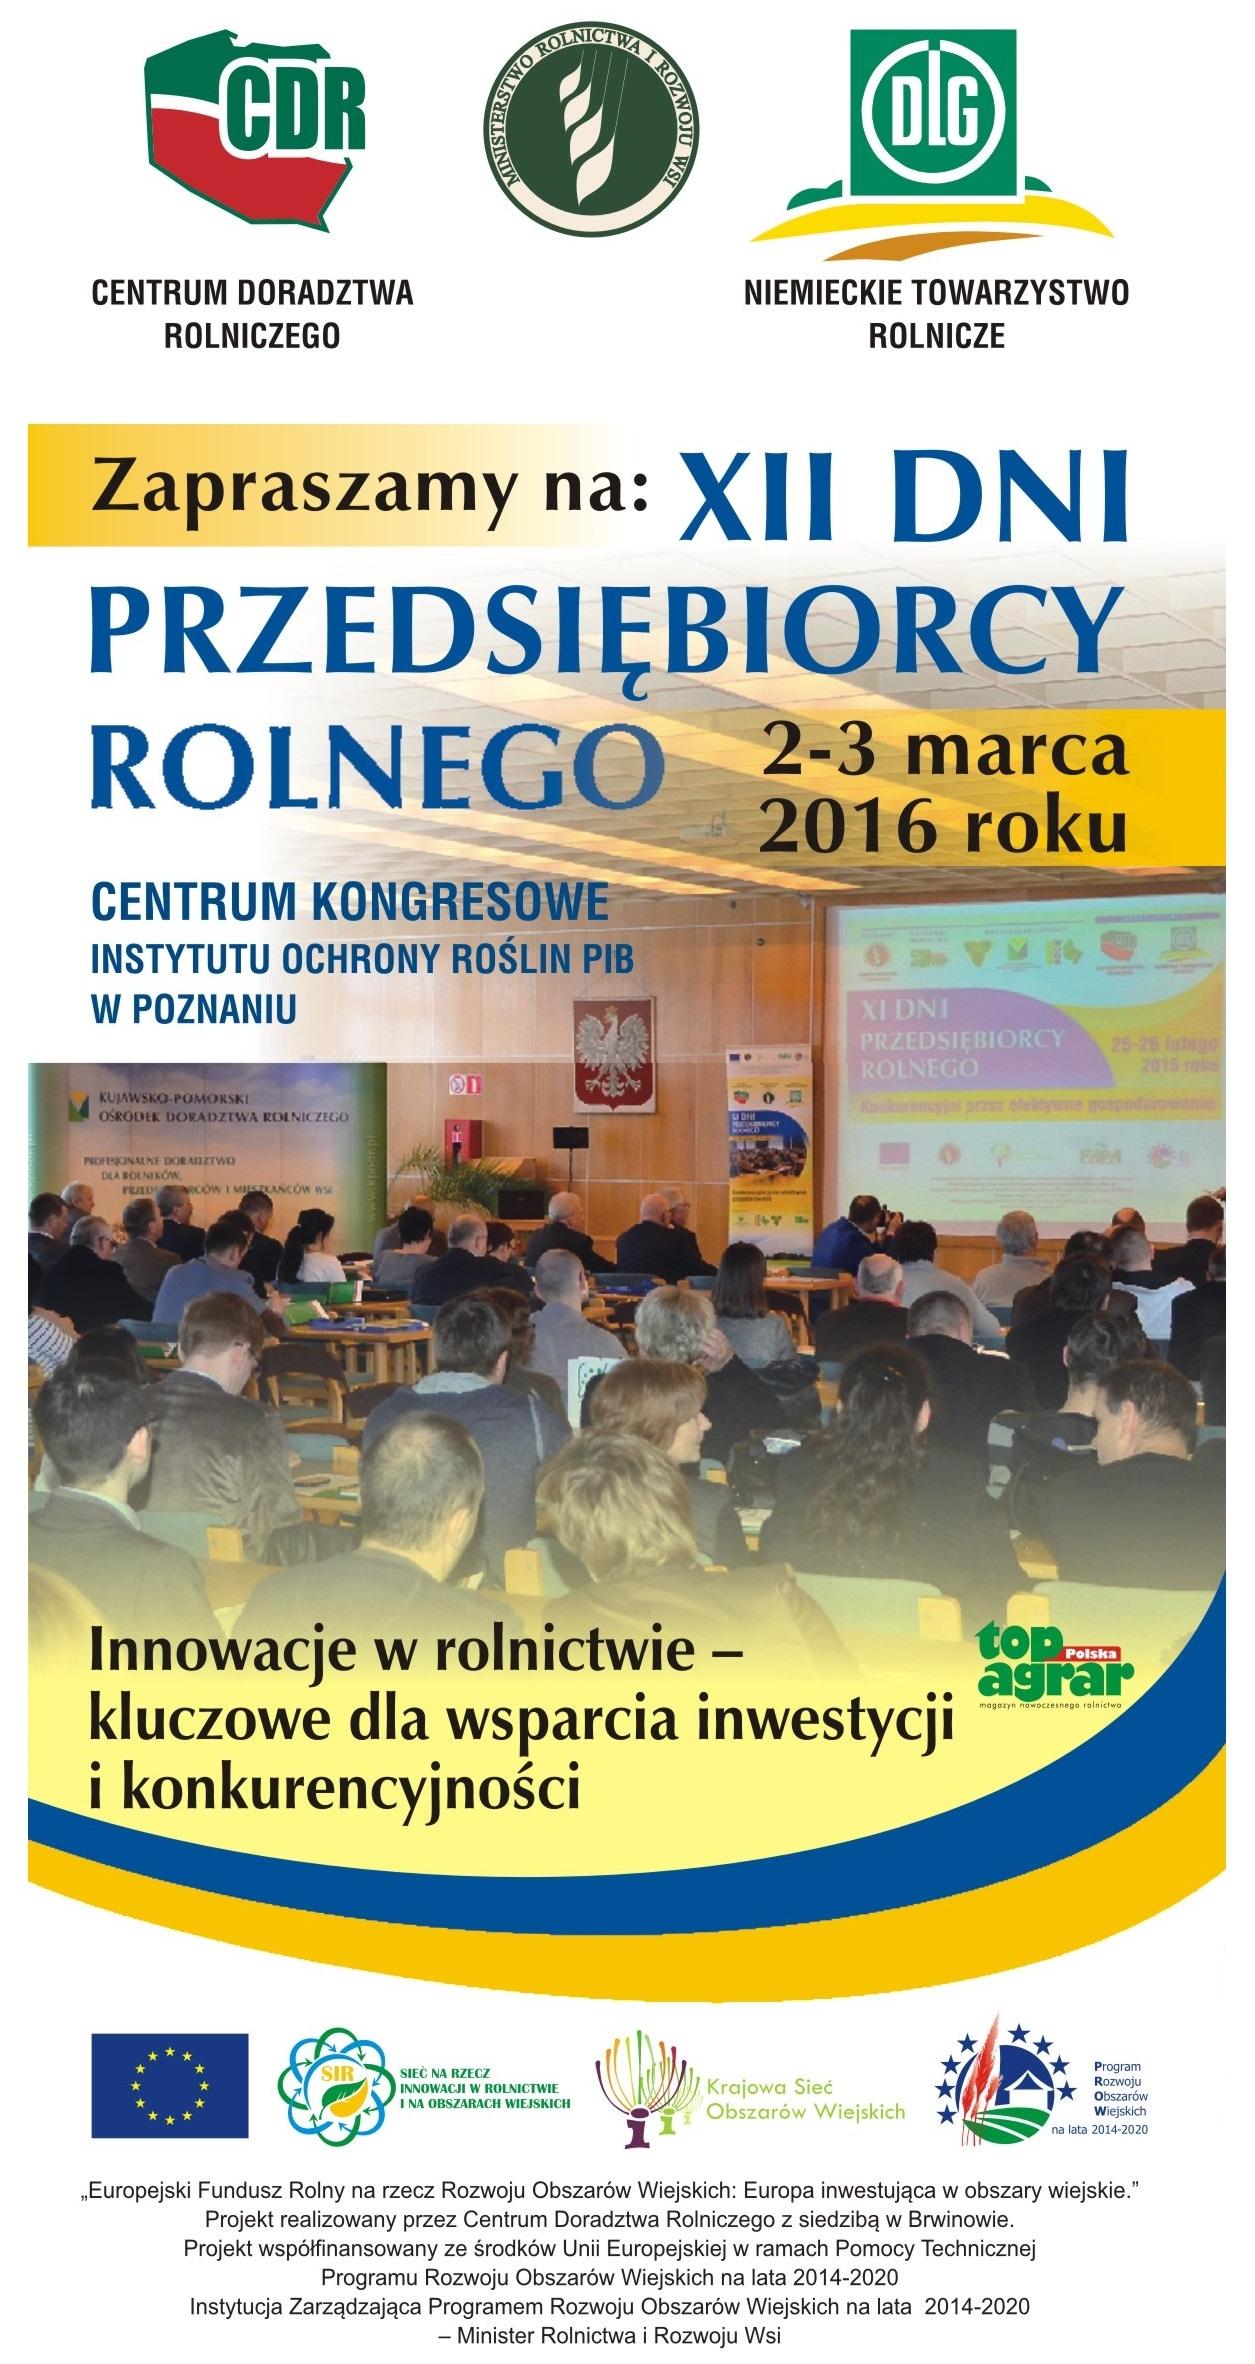 XII DNI PRZEDSIĘBIORCY ROLNEGO - Innowacje w rolnictwie - kluczowe dla wsparcia inwestycji i konkurencyjności